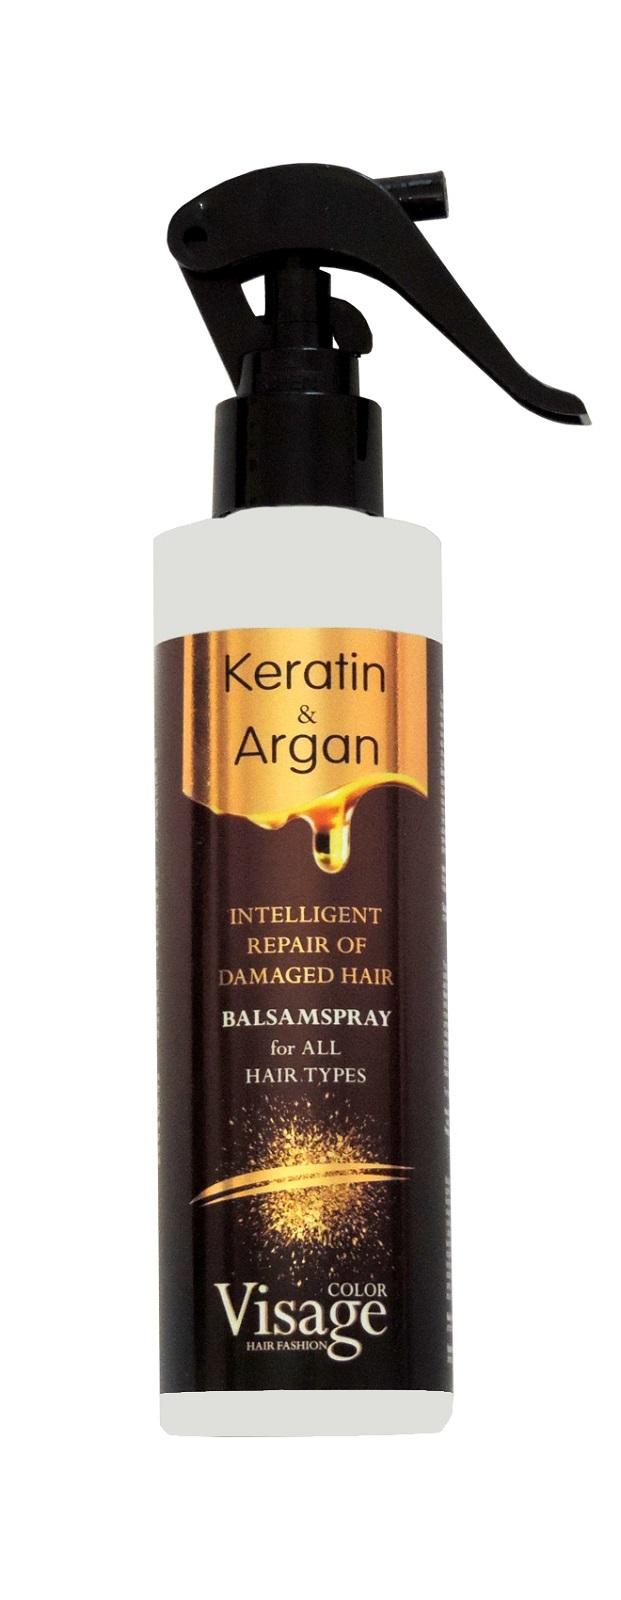 Двухфазный спрей-кондиционер для волос с кератином и аргановым маслом, 200 мл